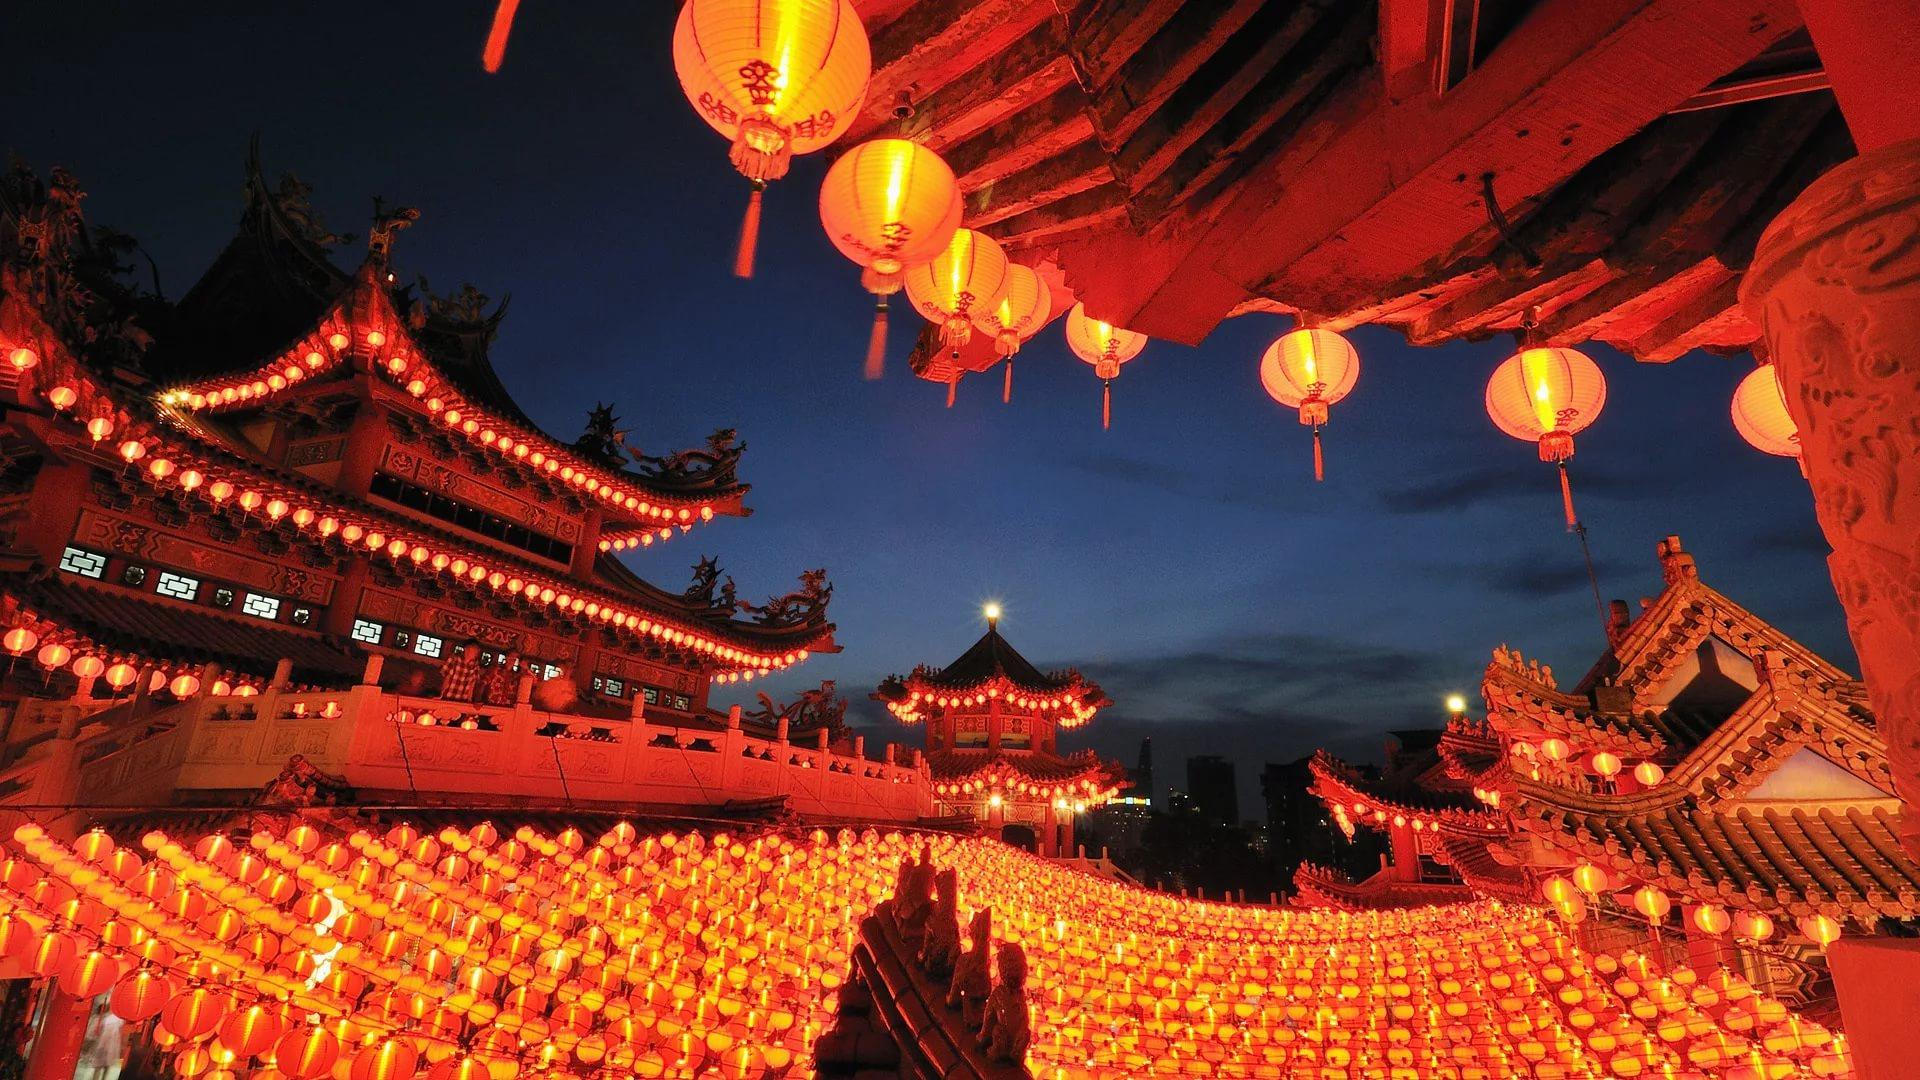 Chinese Lantern Wallpaper good.jpg